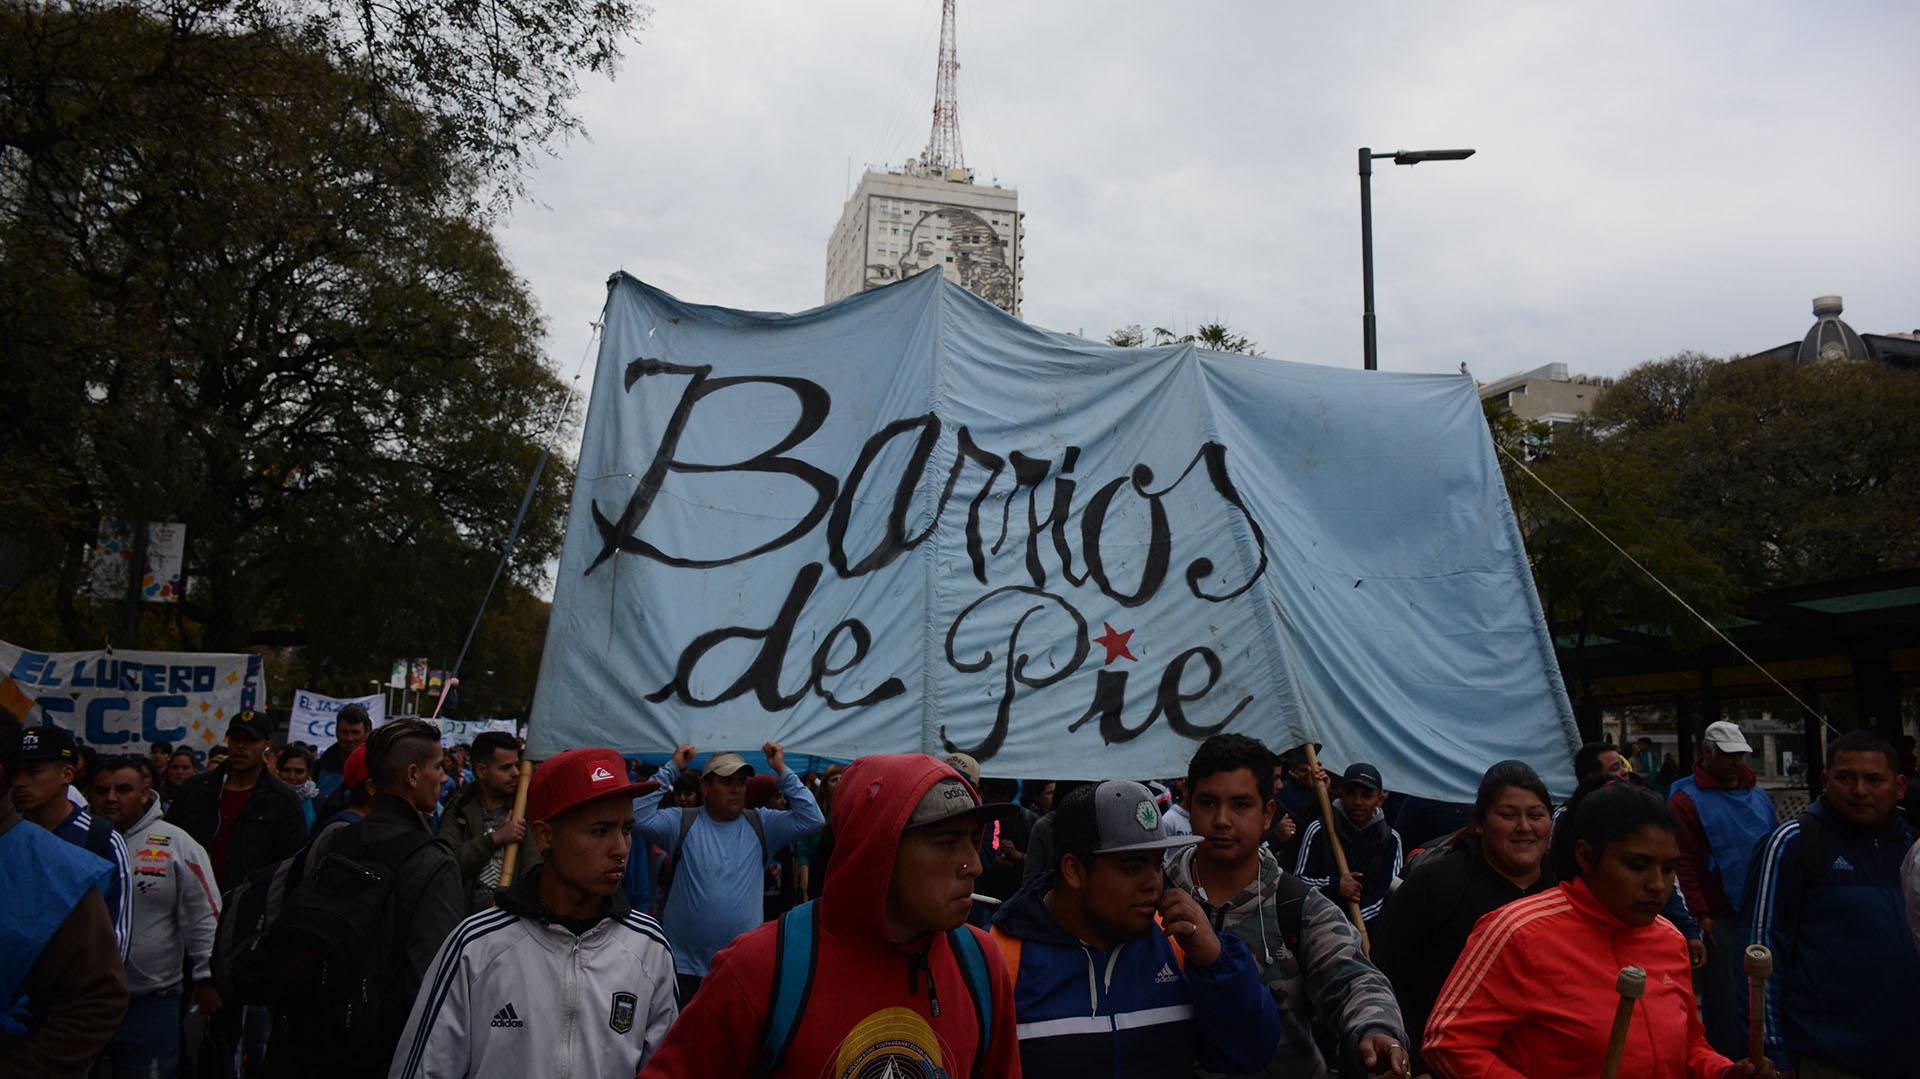 Los movimientos sociales marcharon desde muy temprano por las calles de la Capital Federal